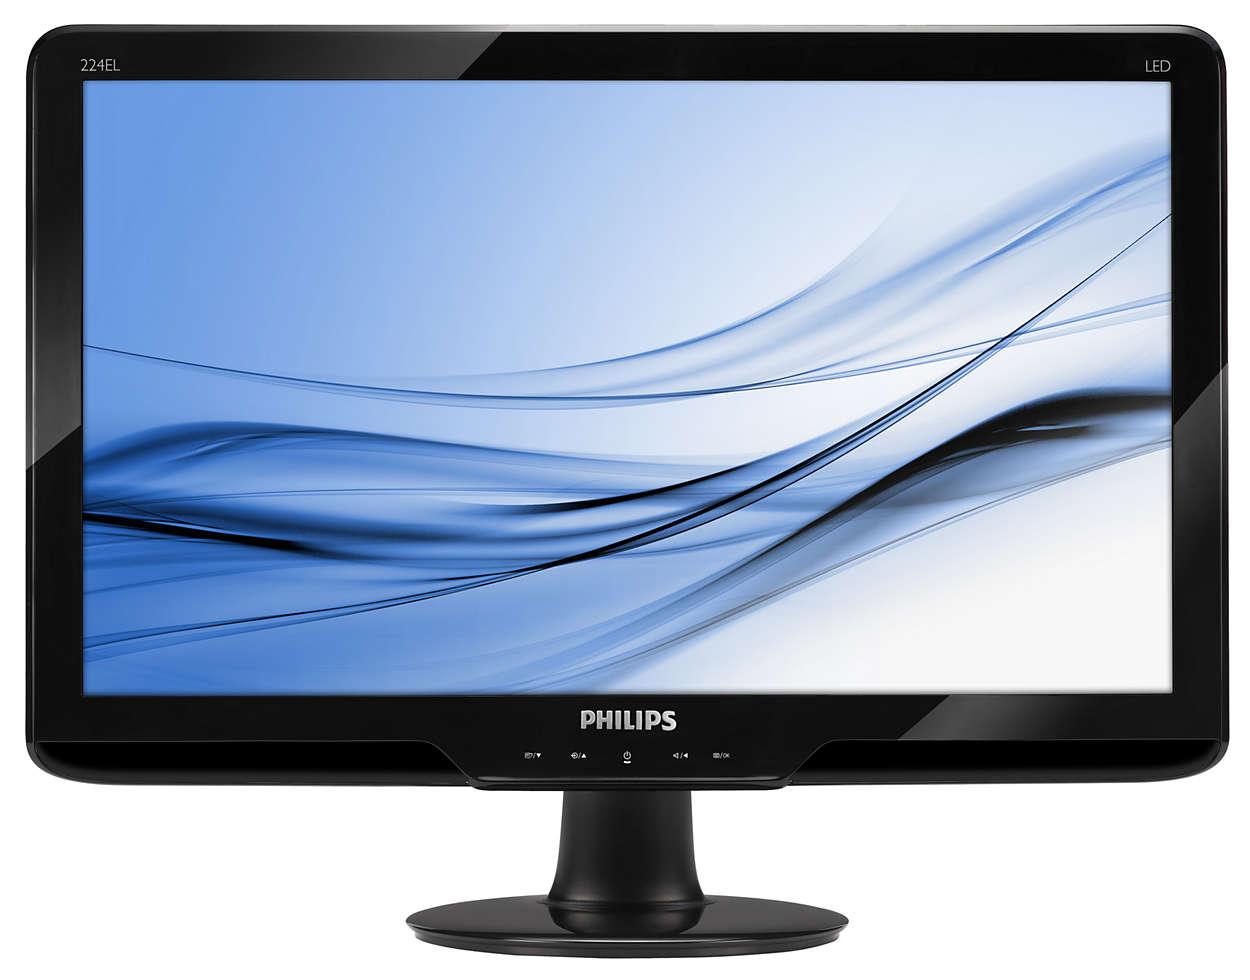 優雅的 HDMI LED 顯示幕,給您 Full HD 娛樂饗宴